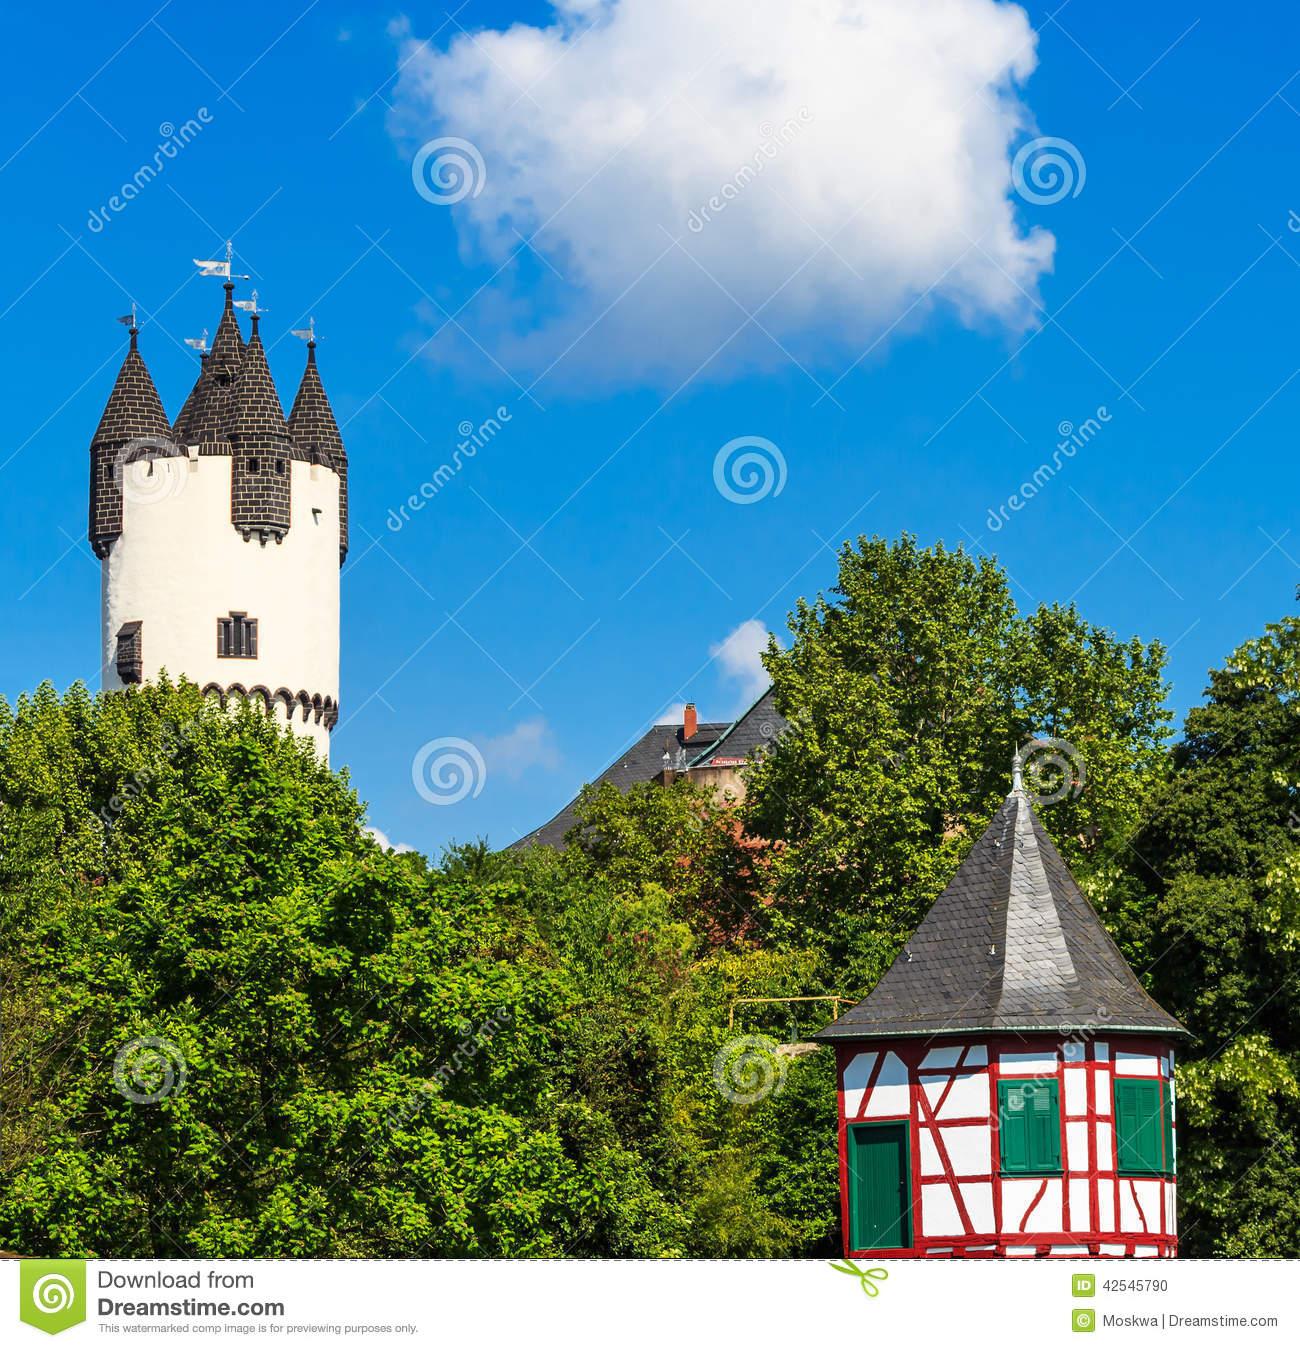 Donjon Tower In Castle Park Of Hanau.